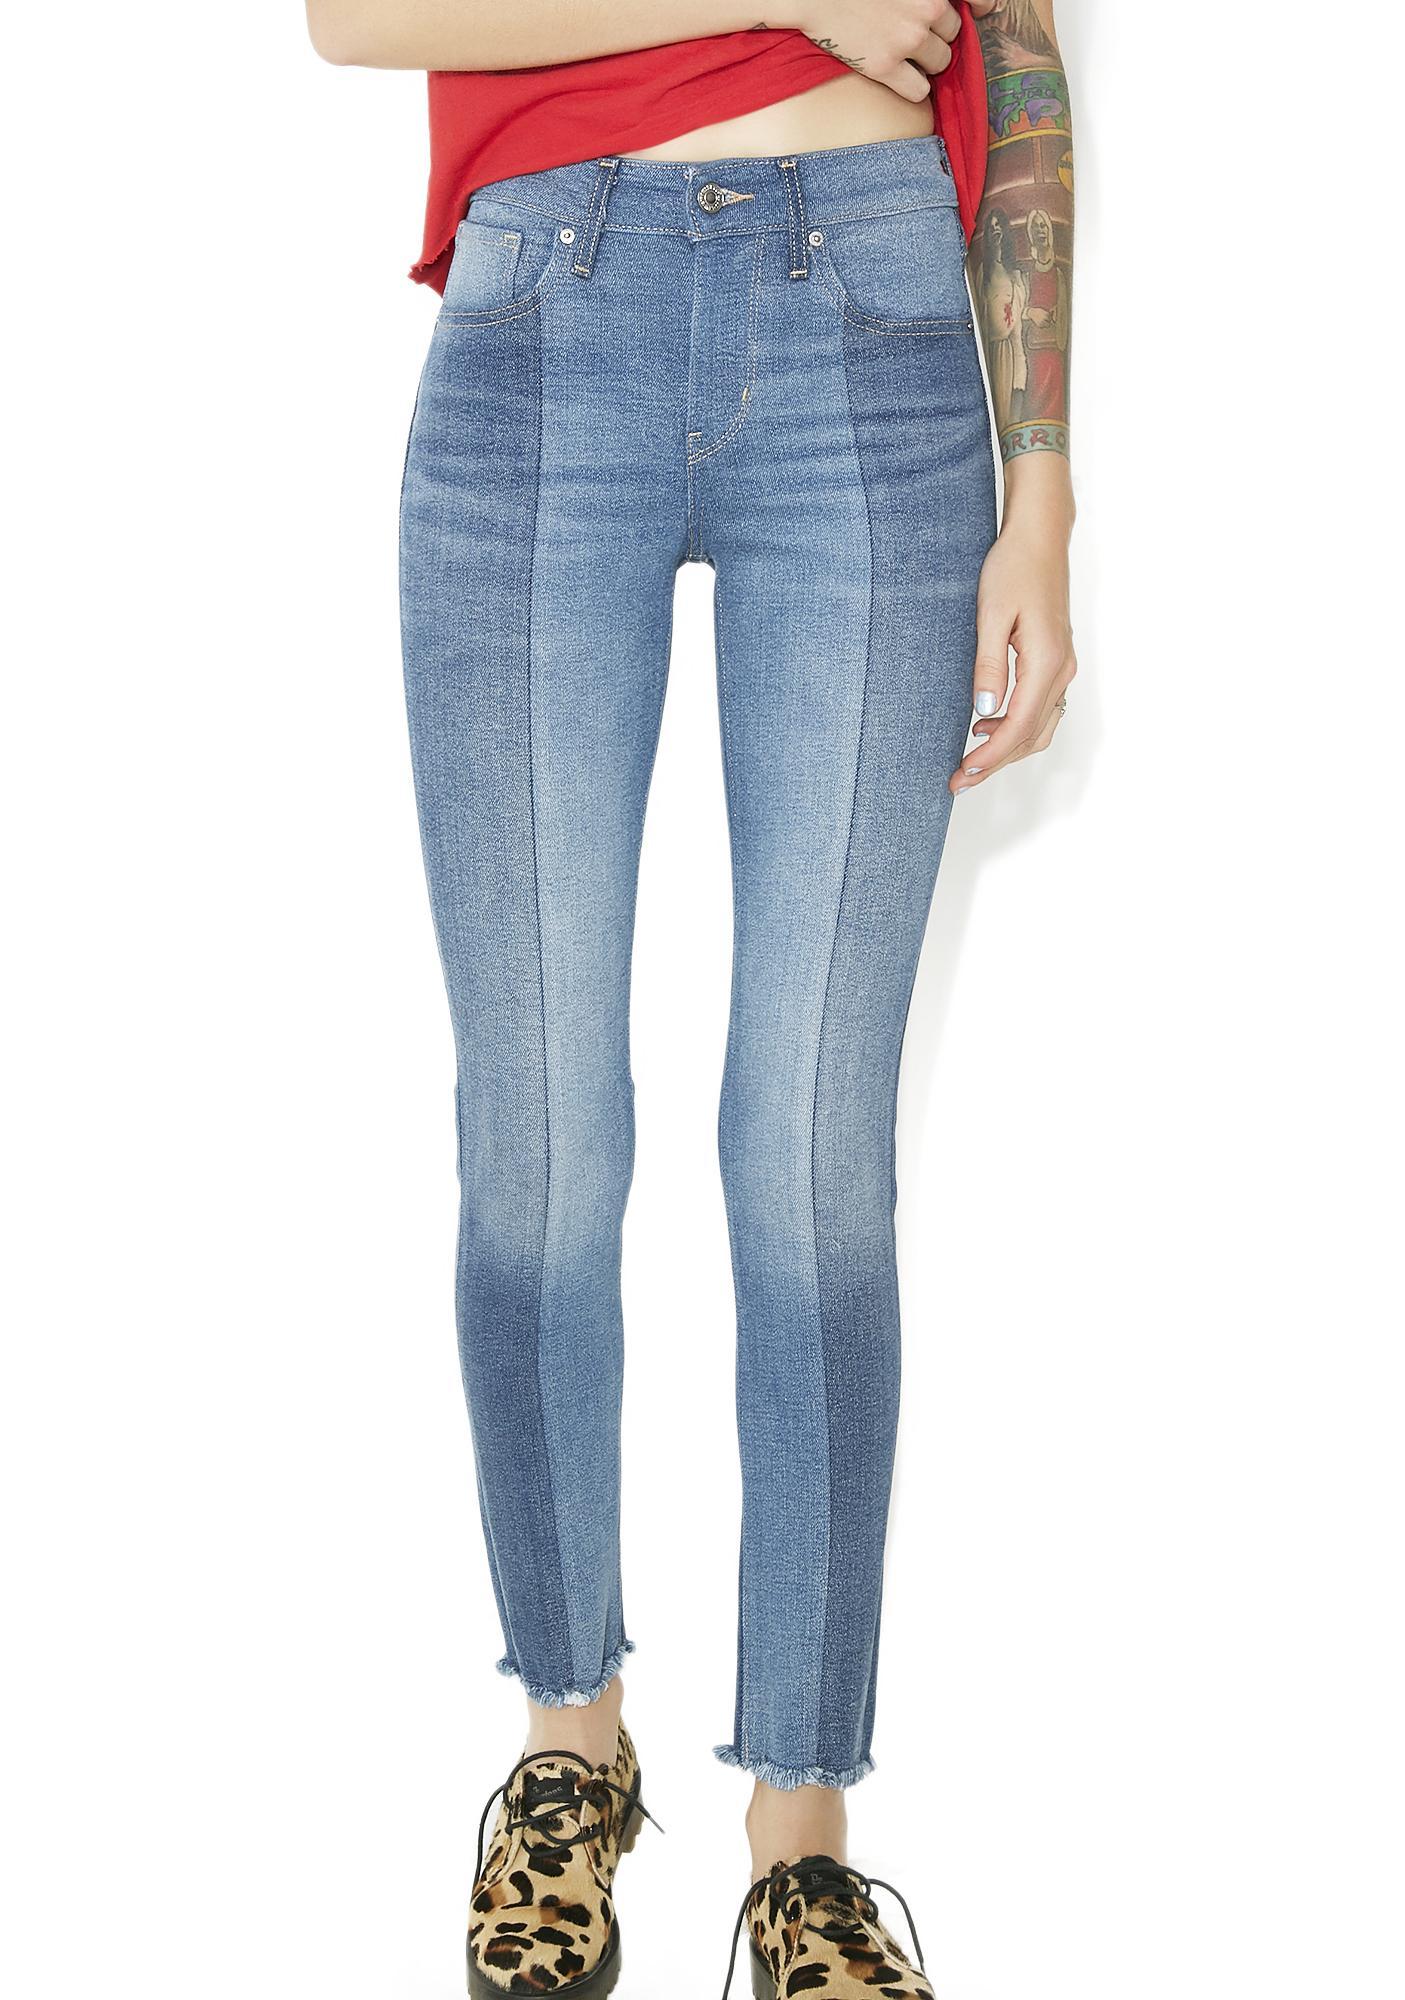 7aa5e2eddbb Levis 721 High Rise Skinny Jeans | Dolls Kill